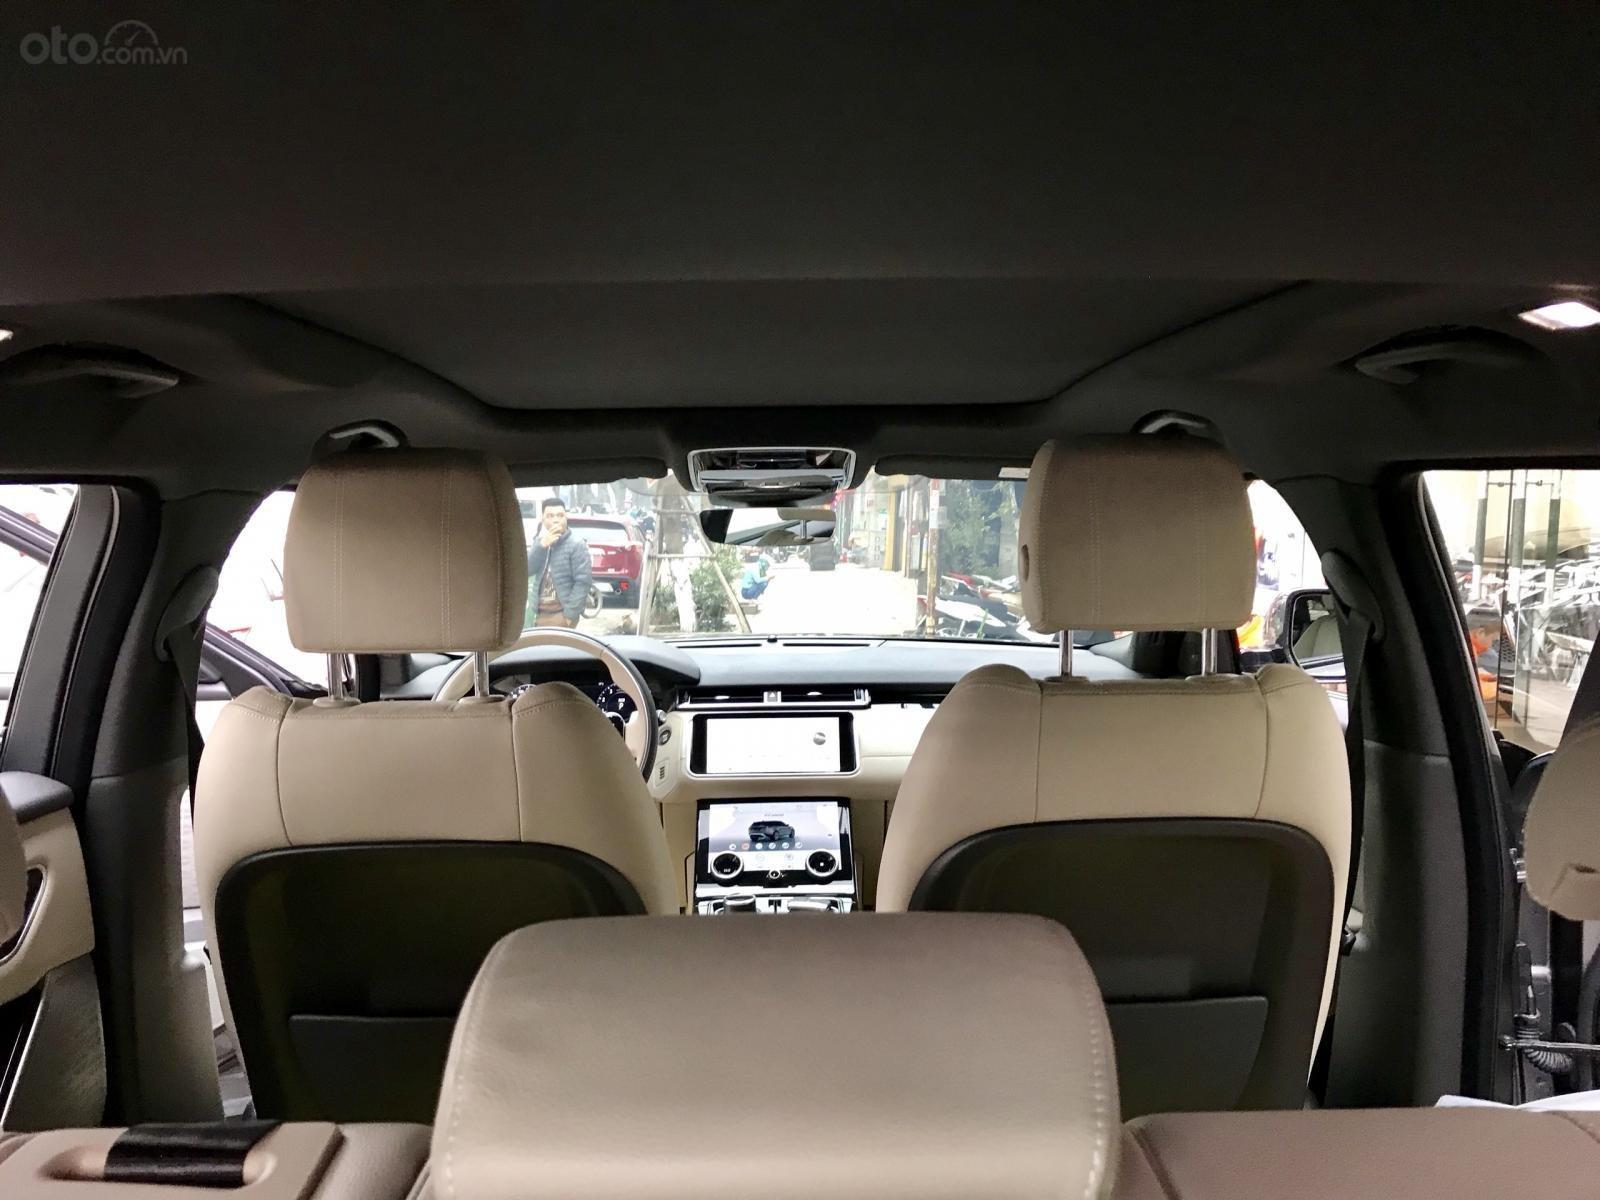 Bán xe LandRover Range Rover Velar P250 SE R-Dynamic sản xuất 2018, màu xám, nhập khẩu - LH: 0905.09.8888 - 0982.84.2838-17